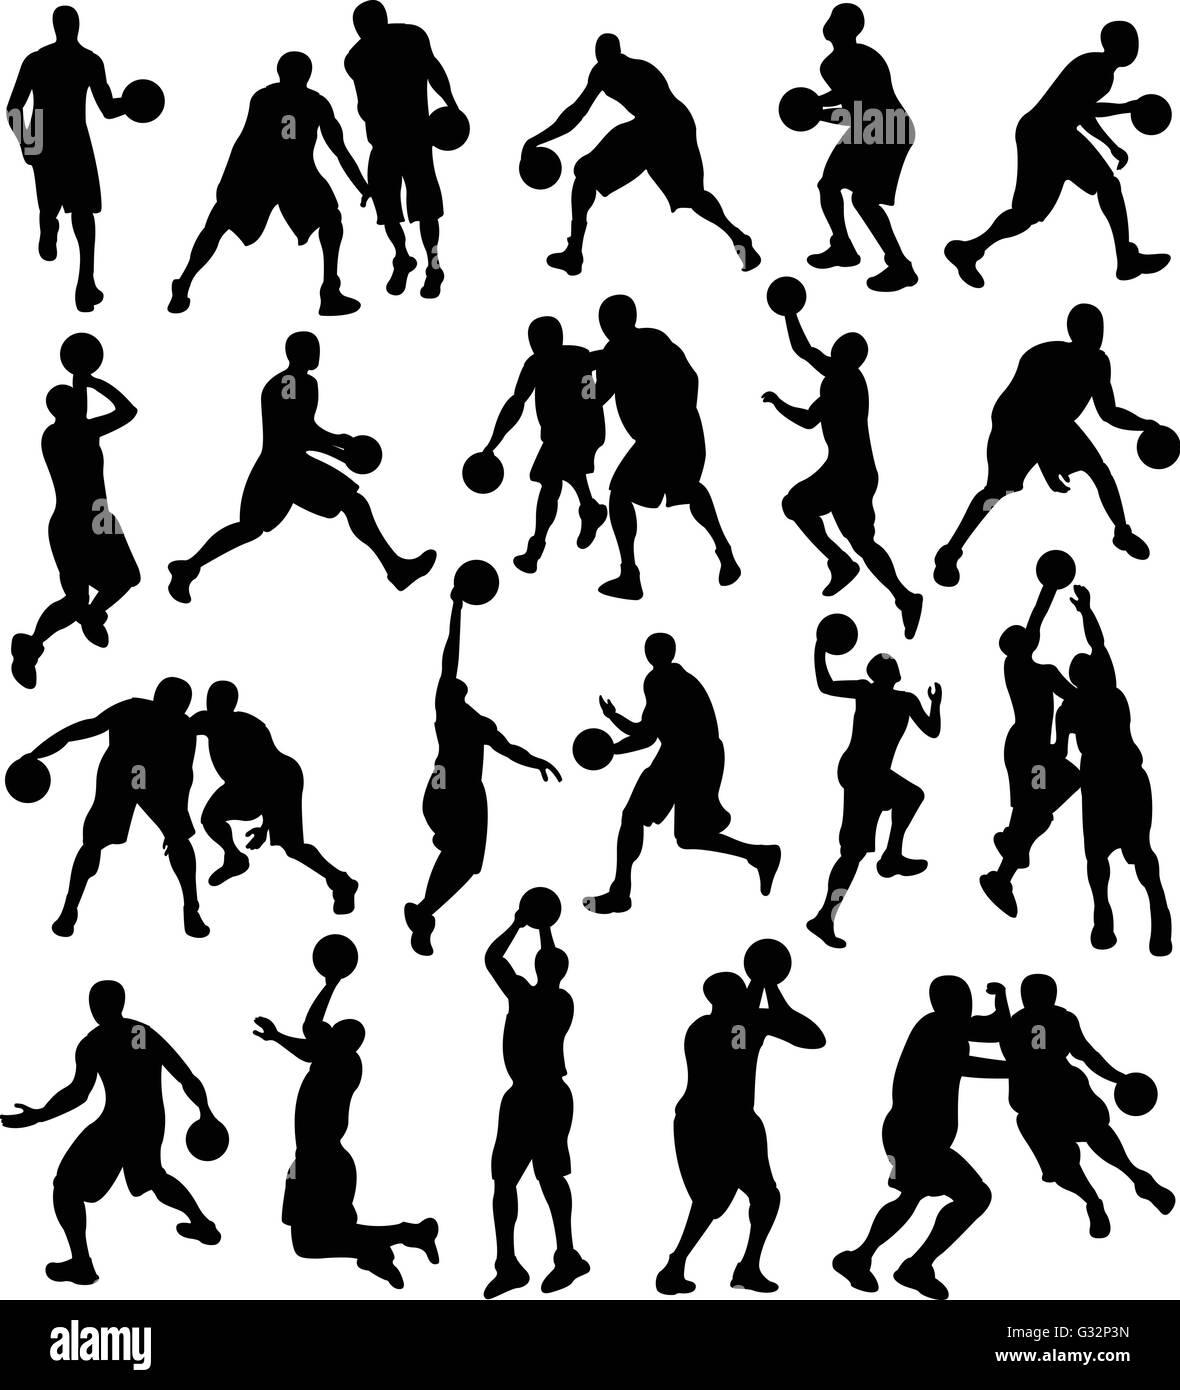 Basketball, Sport, Athlete, Silhouette - Stock Vector